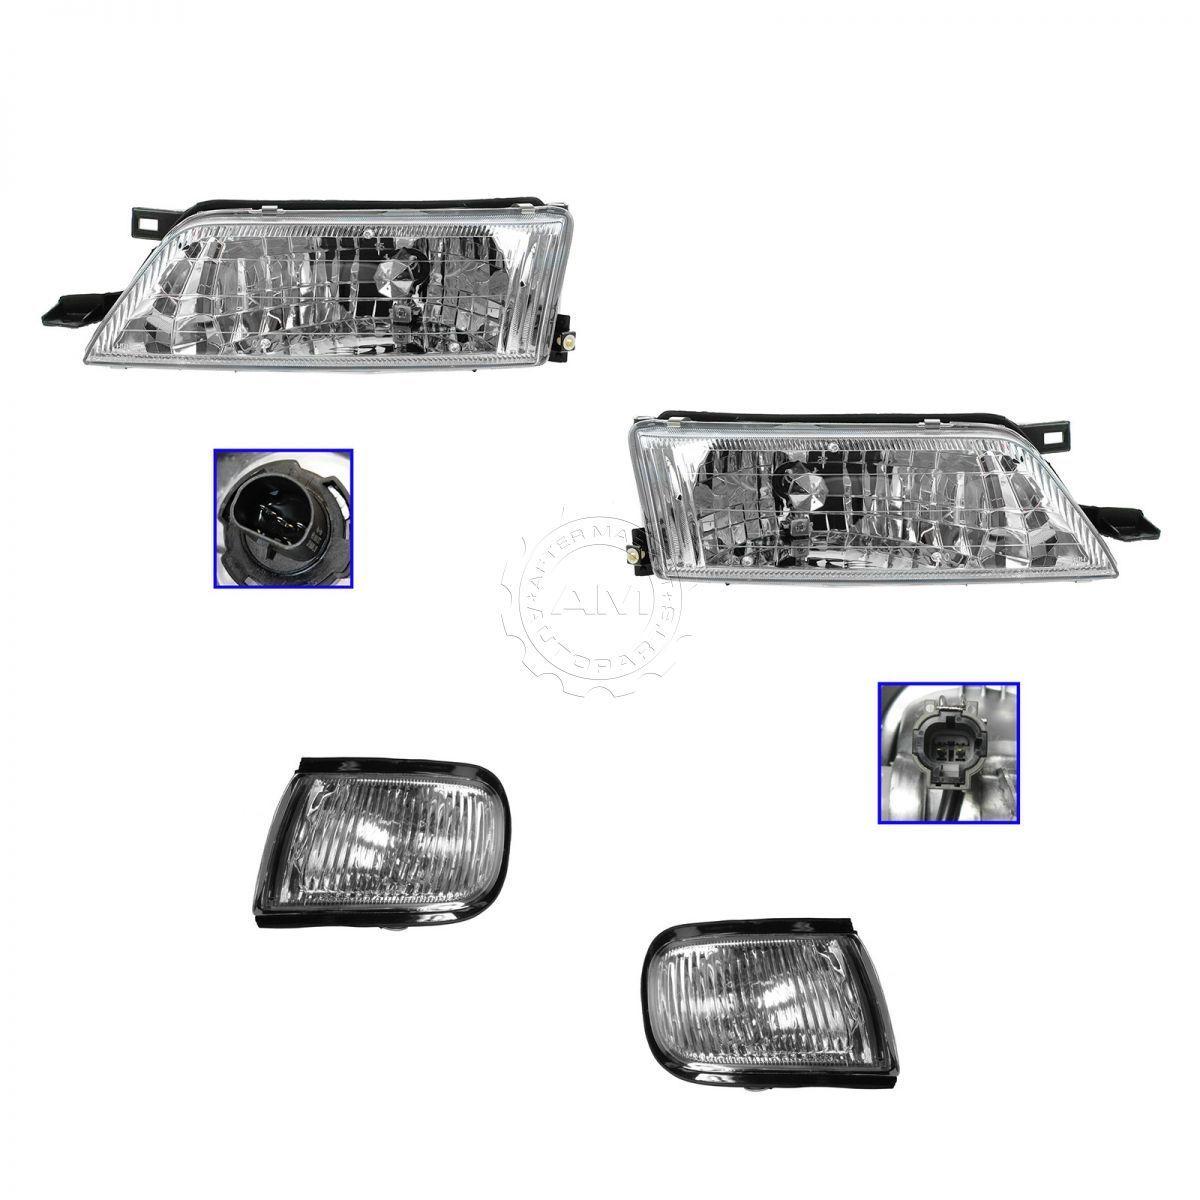 コーナーライト Headlight Headlamp Corner Light Lamp Kit Set for 97-99 Nissan Maxima 97-99日産マキシマ用ヘッドライトヘッドランプコーナーライトランプキットセット